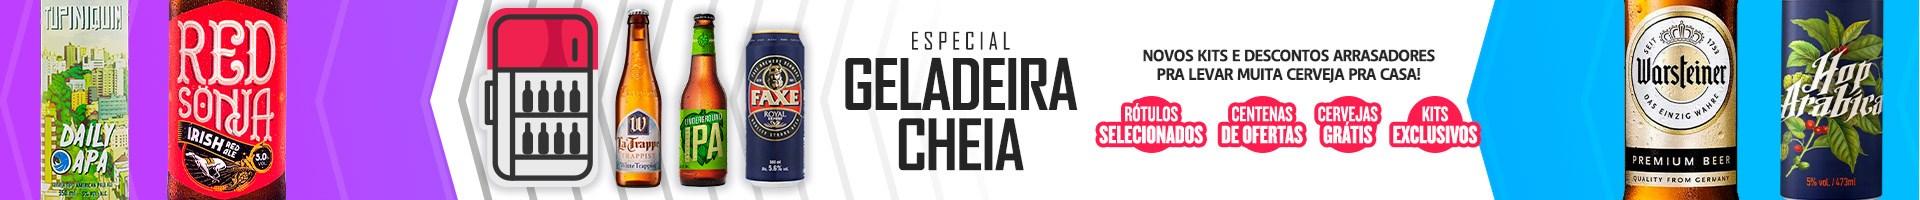 Geladeira Cheia - Kits - Departamento